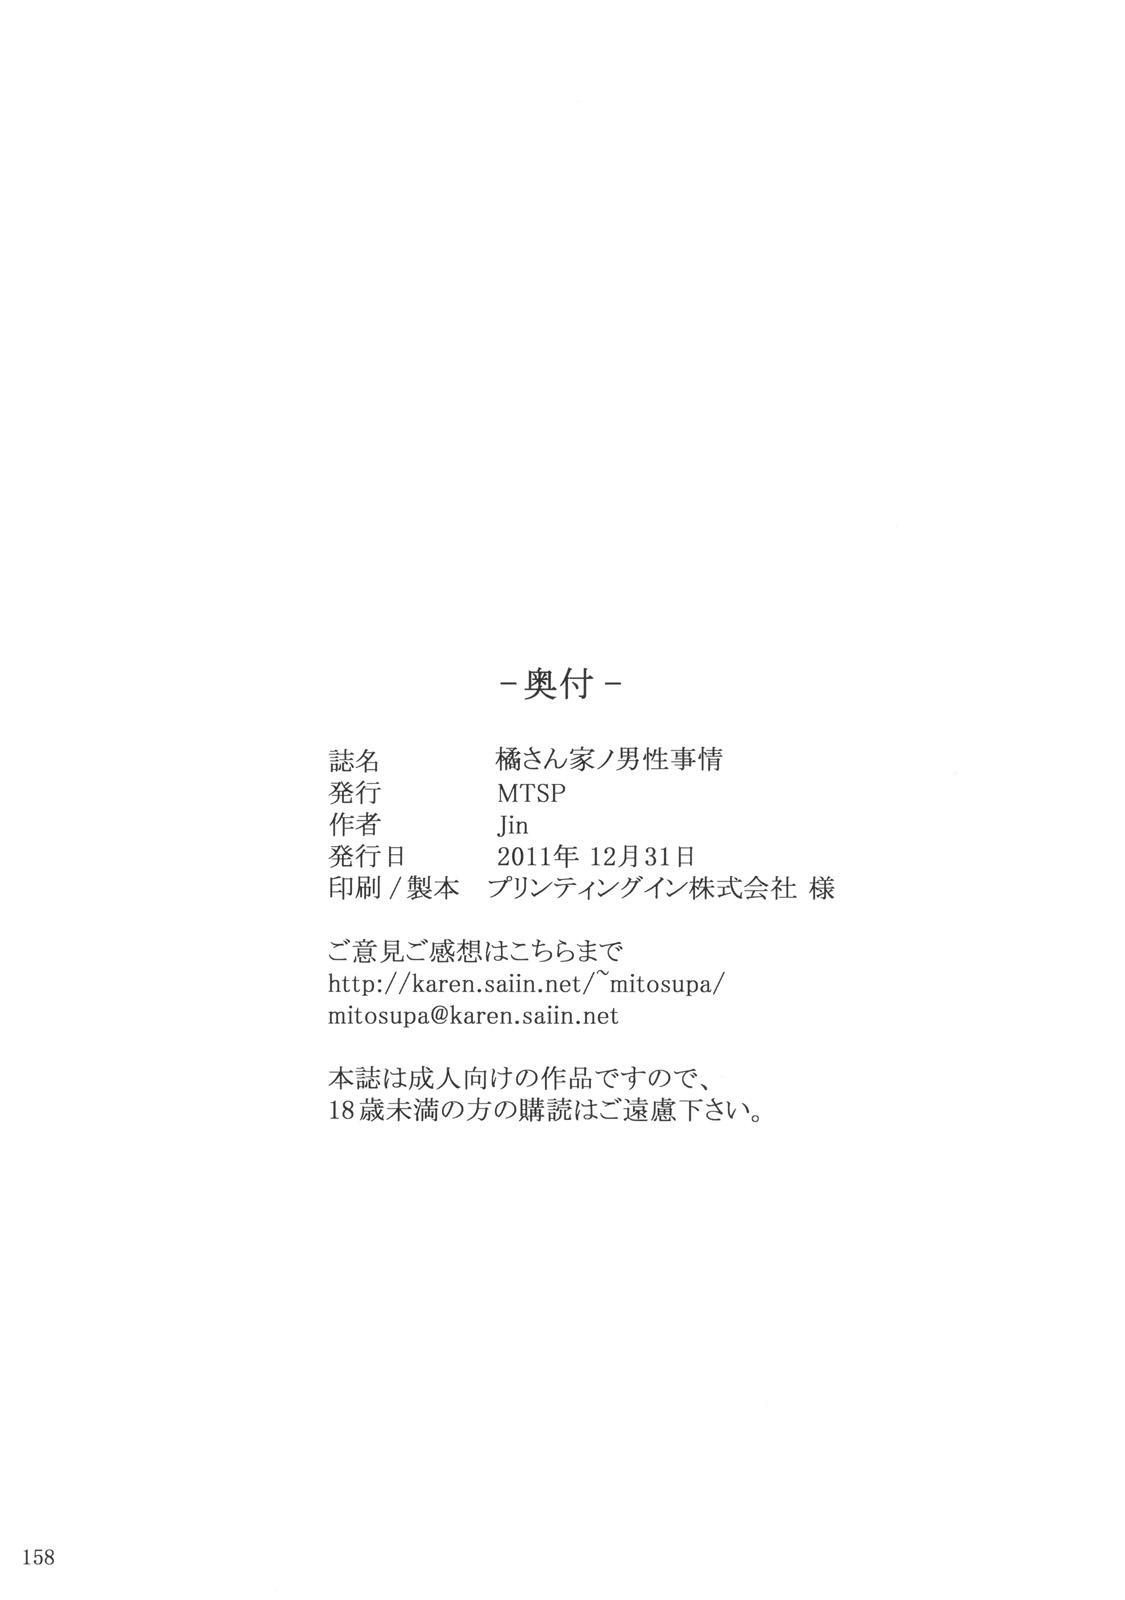 Mtsp - Tachibana-san's Circumstabces WIth a Man 2 106